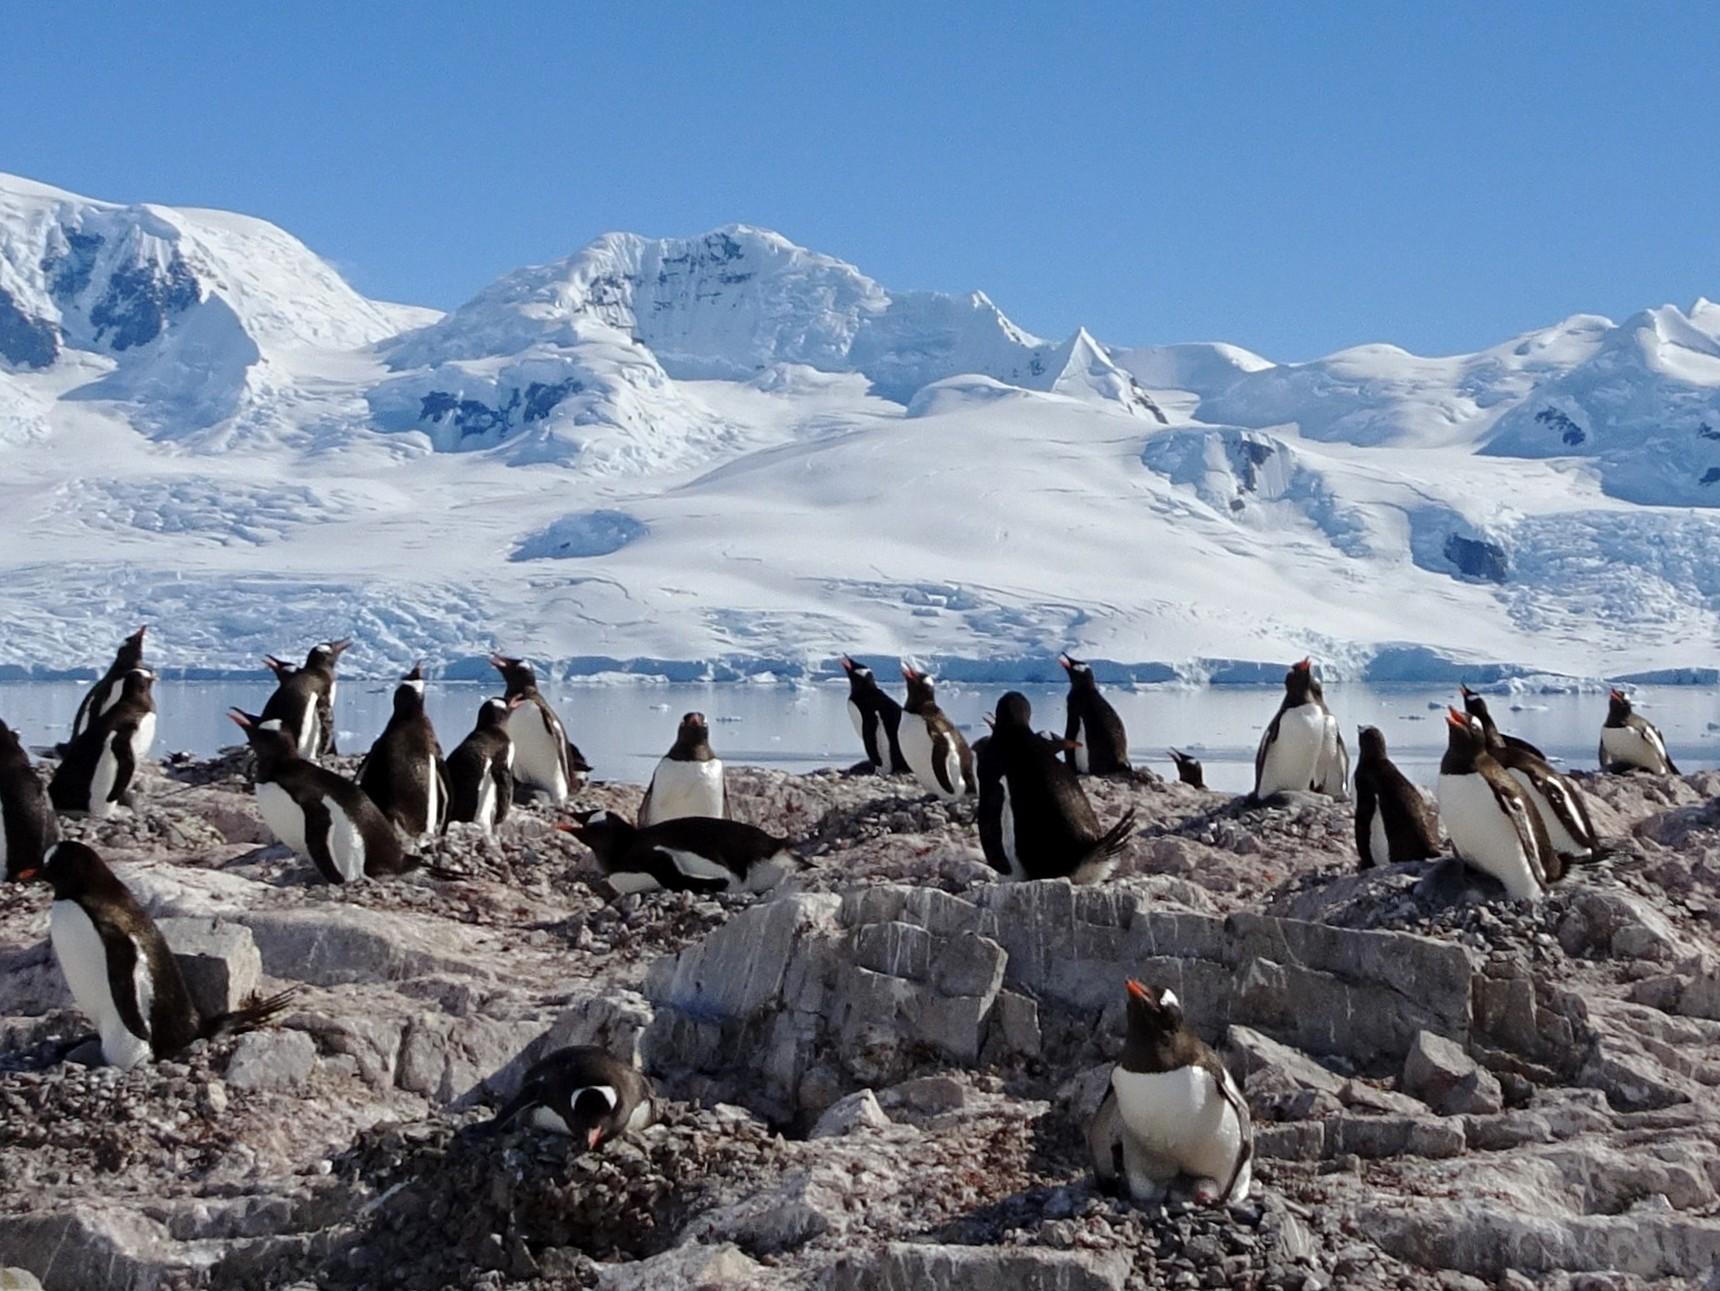 Gentoo Penguin - Michael Schrimpf